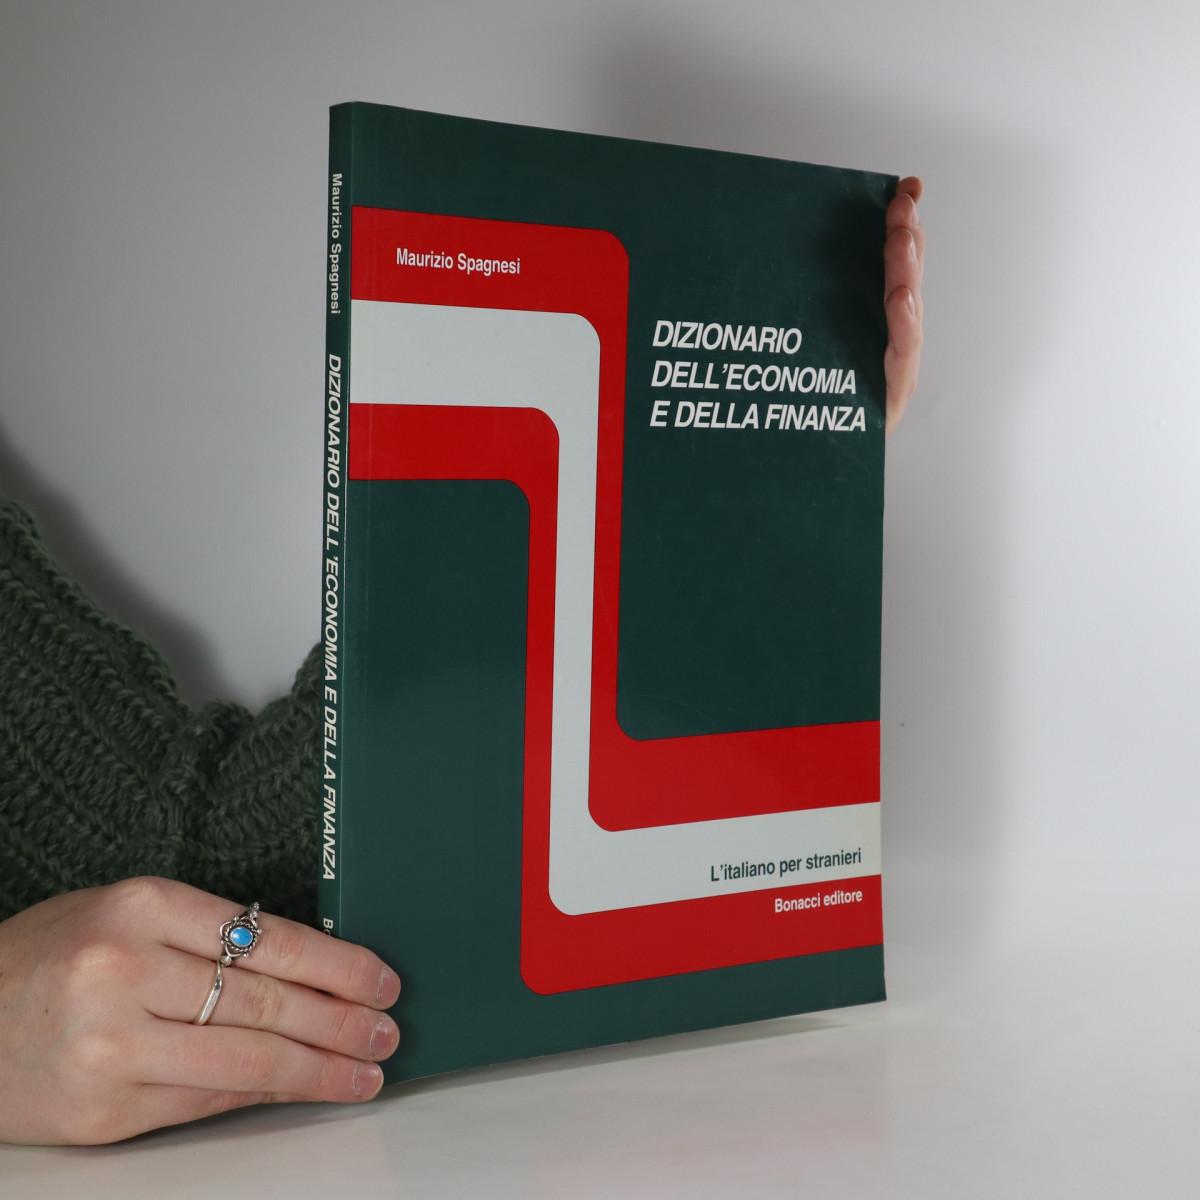 antikvární kniha Dizionario dell'economia e della finanza, neuveden